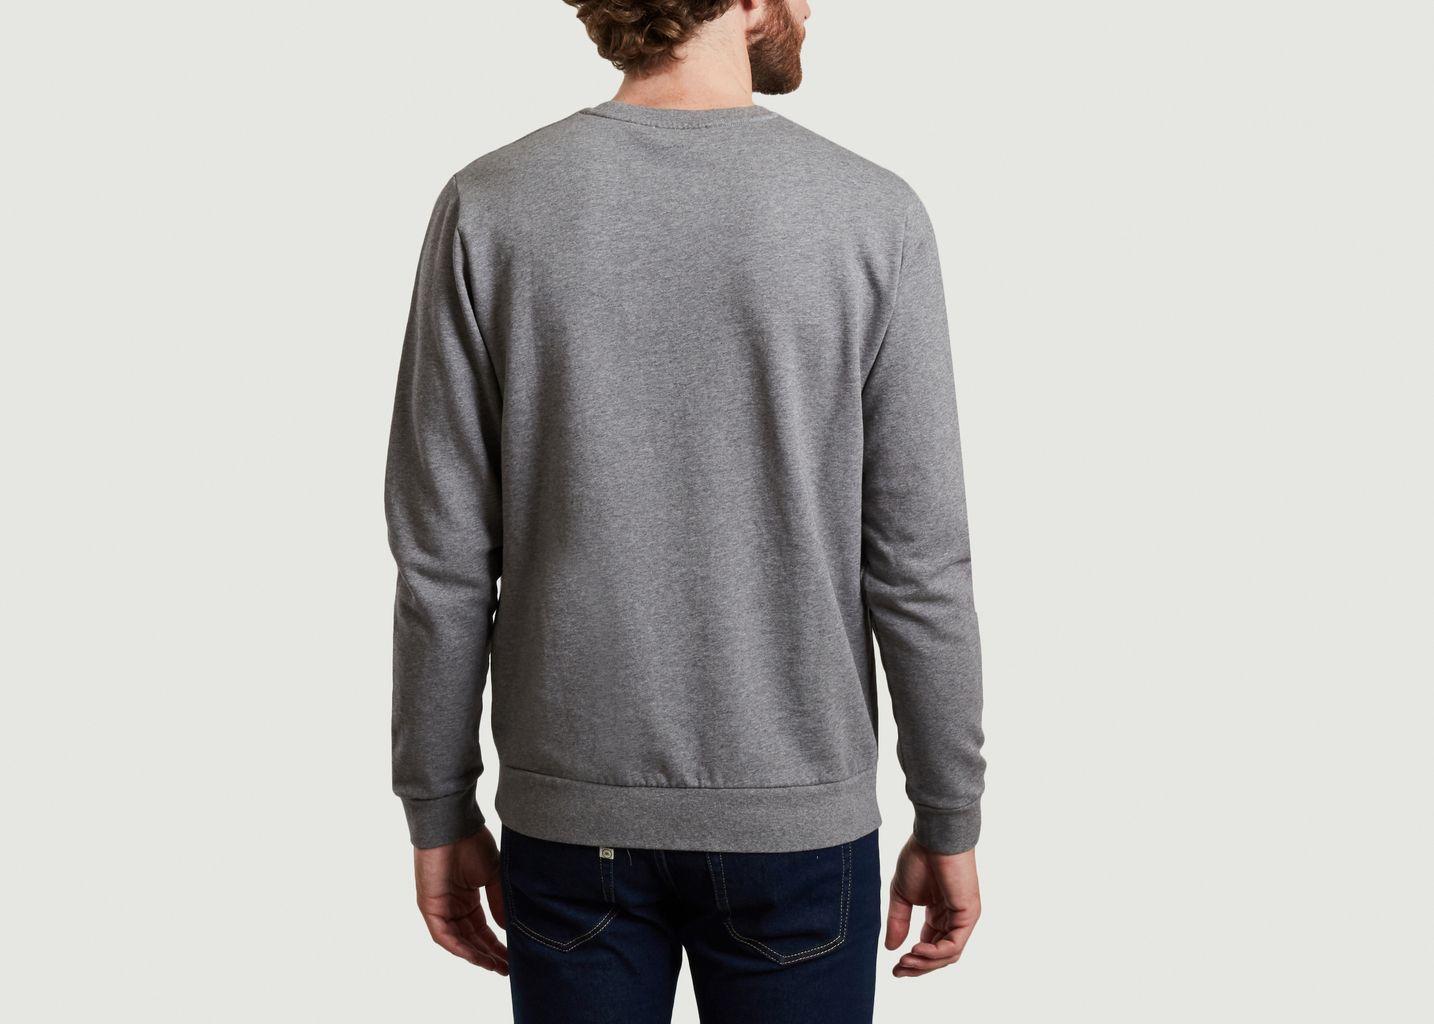 Sweatshirt en coton bio brodé surf in paris Kurtis - Cuisse de Grenouille